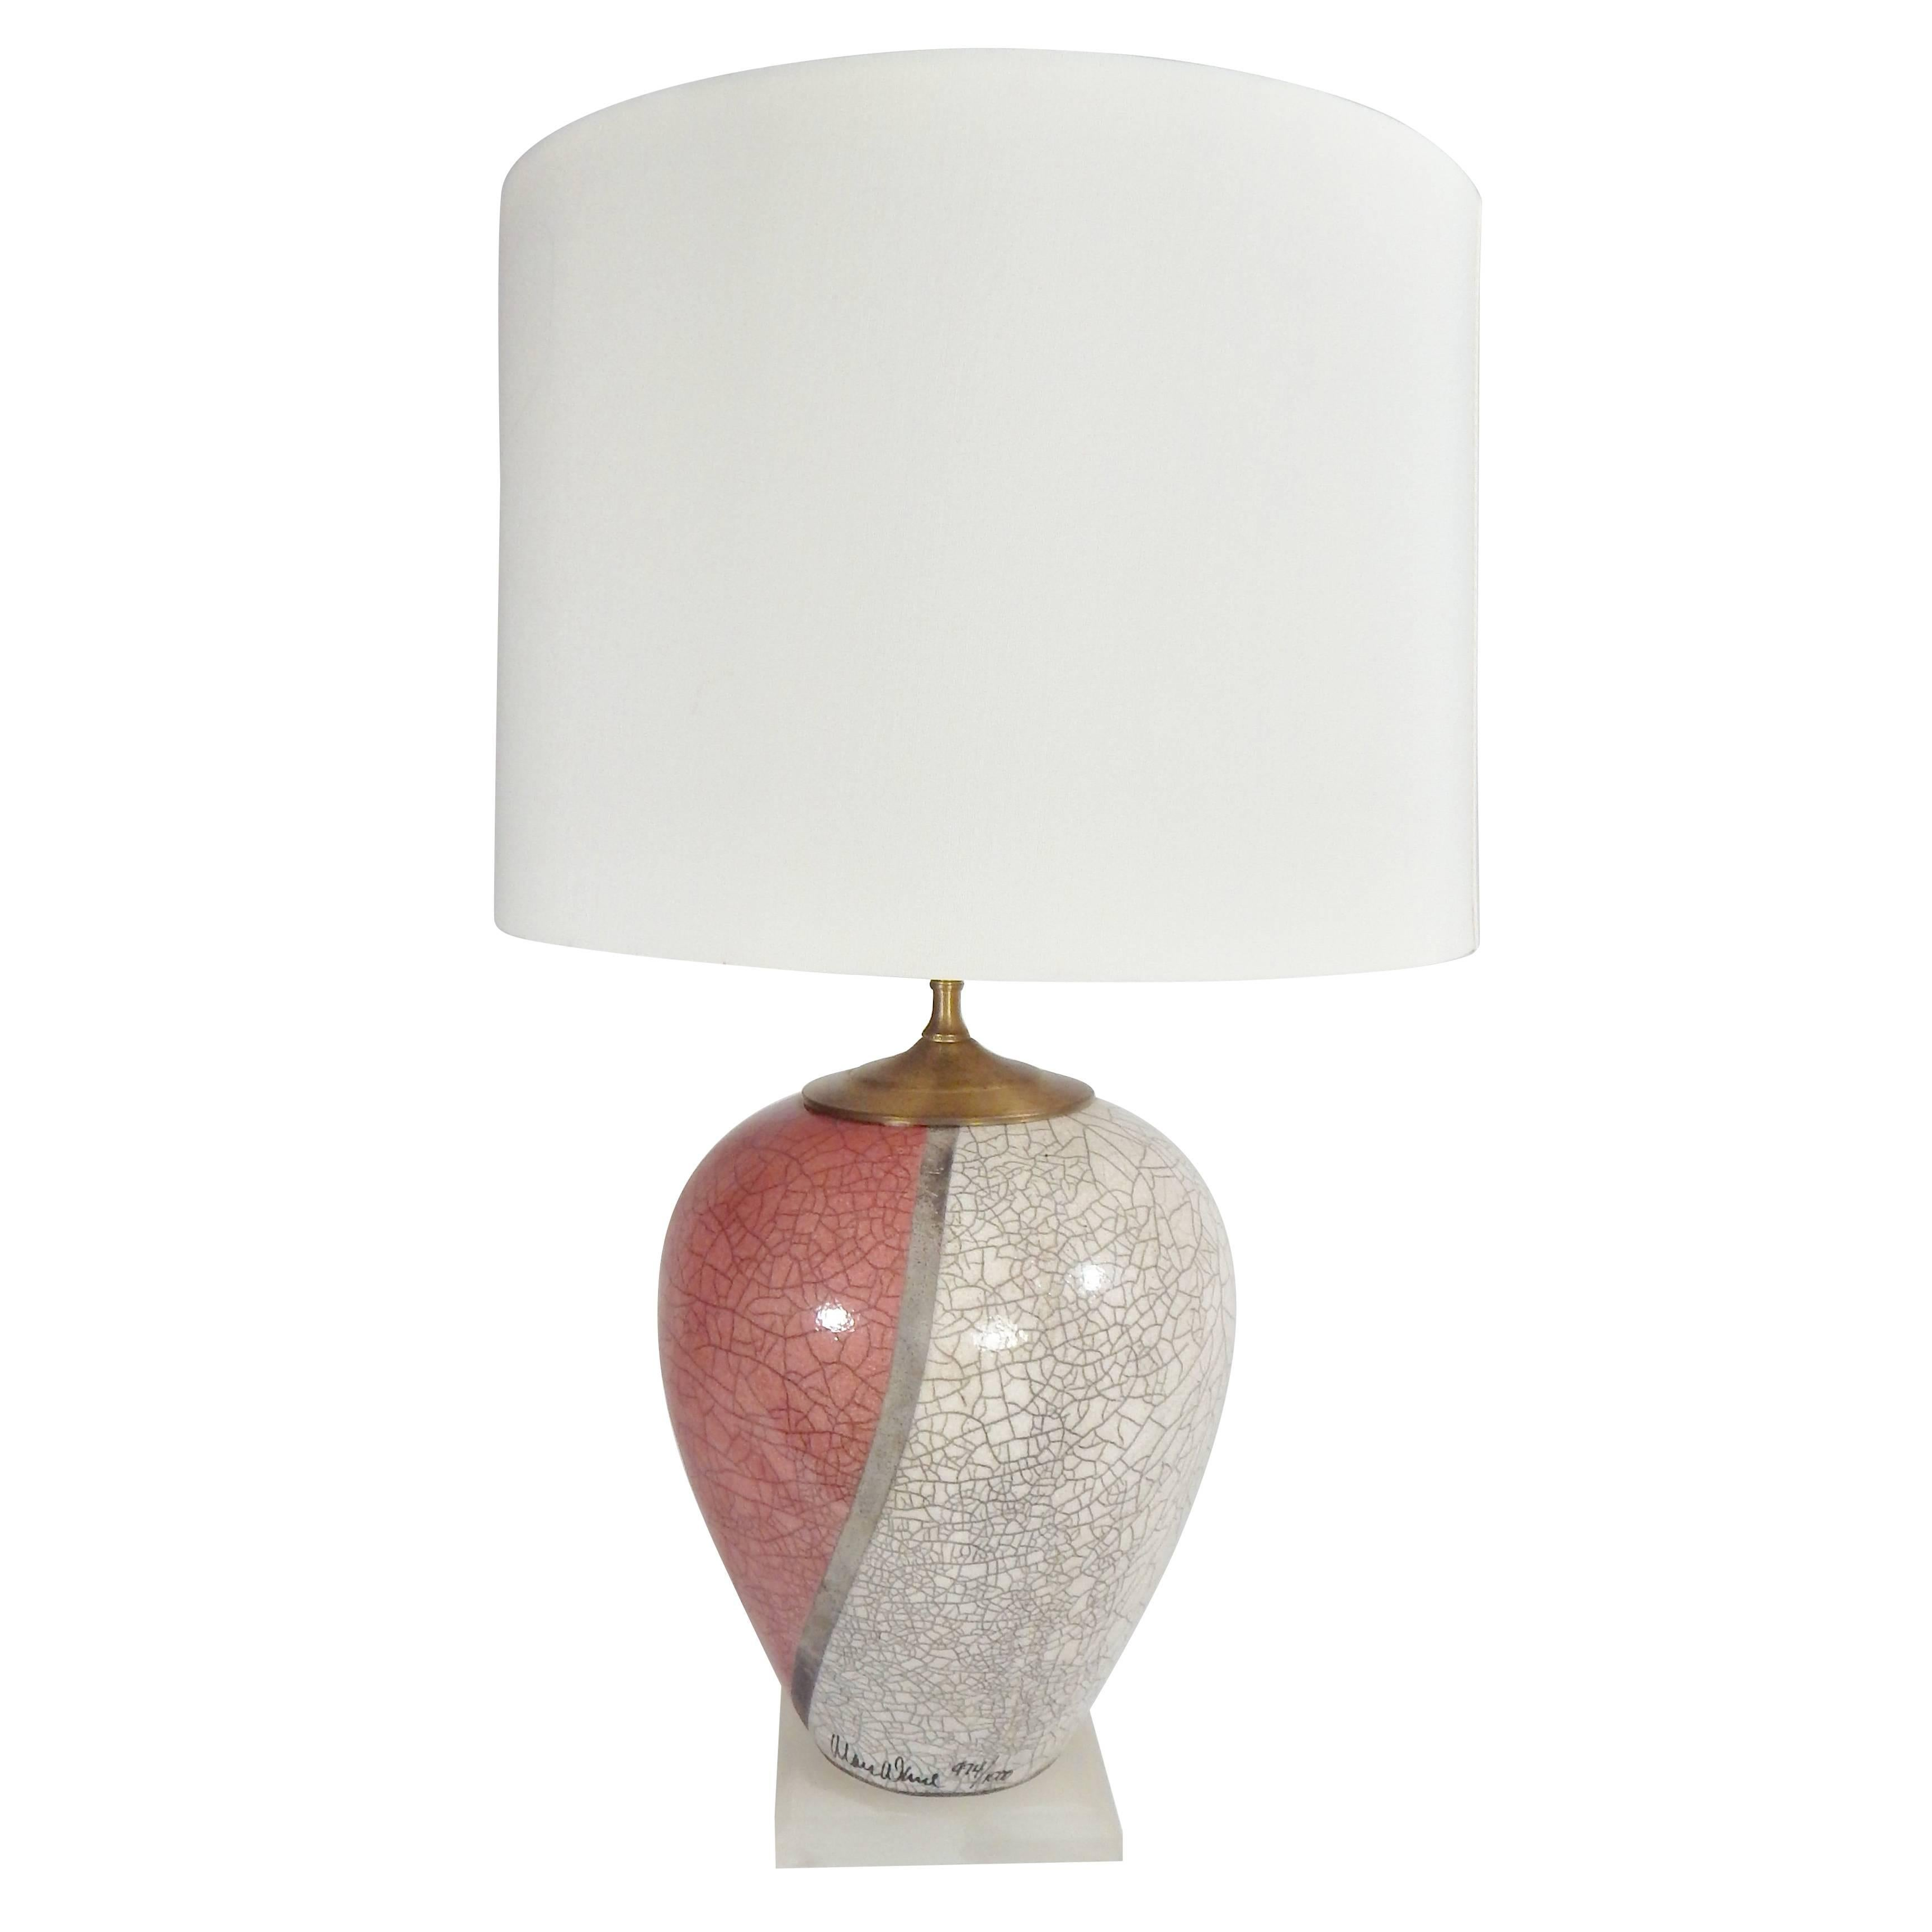 Marc Ward Artist Signed Crackle Glaze Ceramic Table Lamp